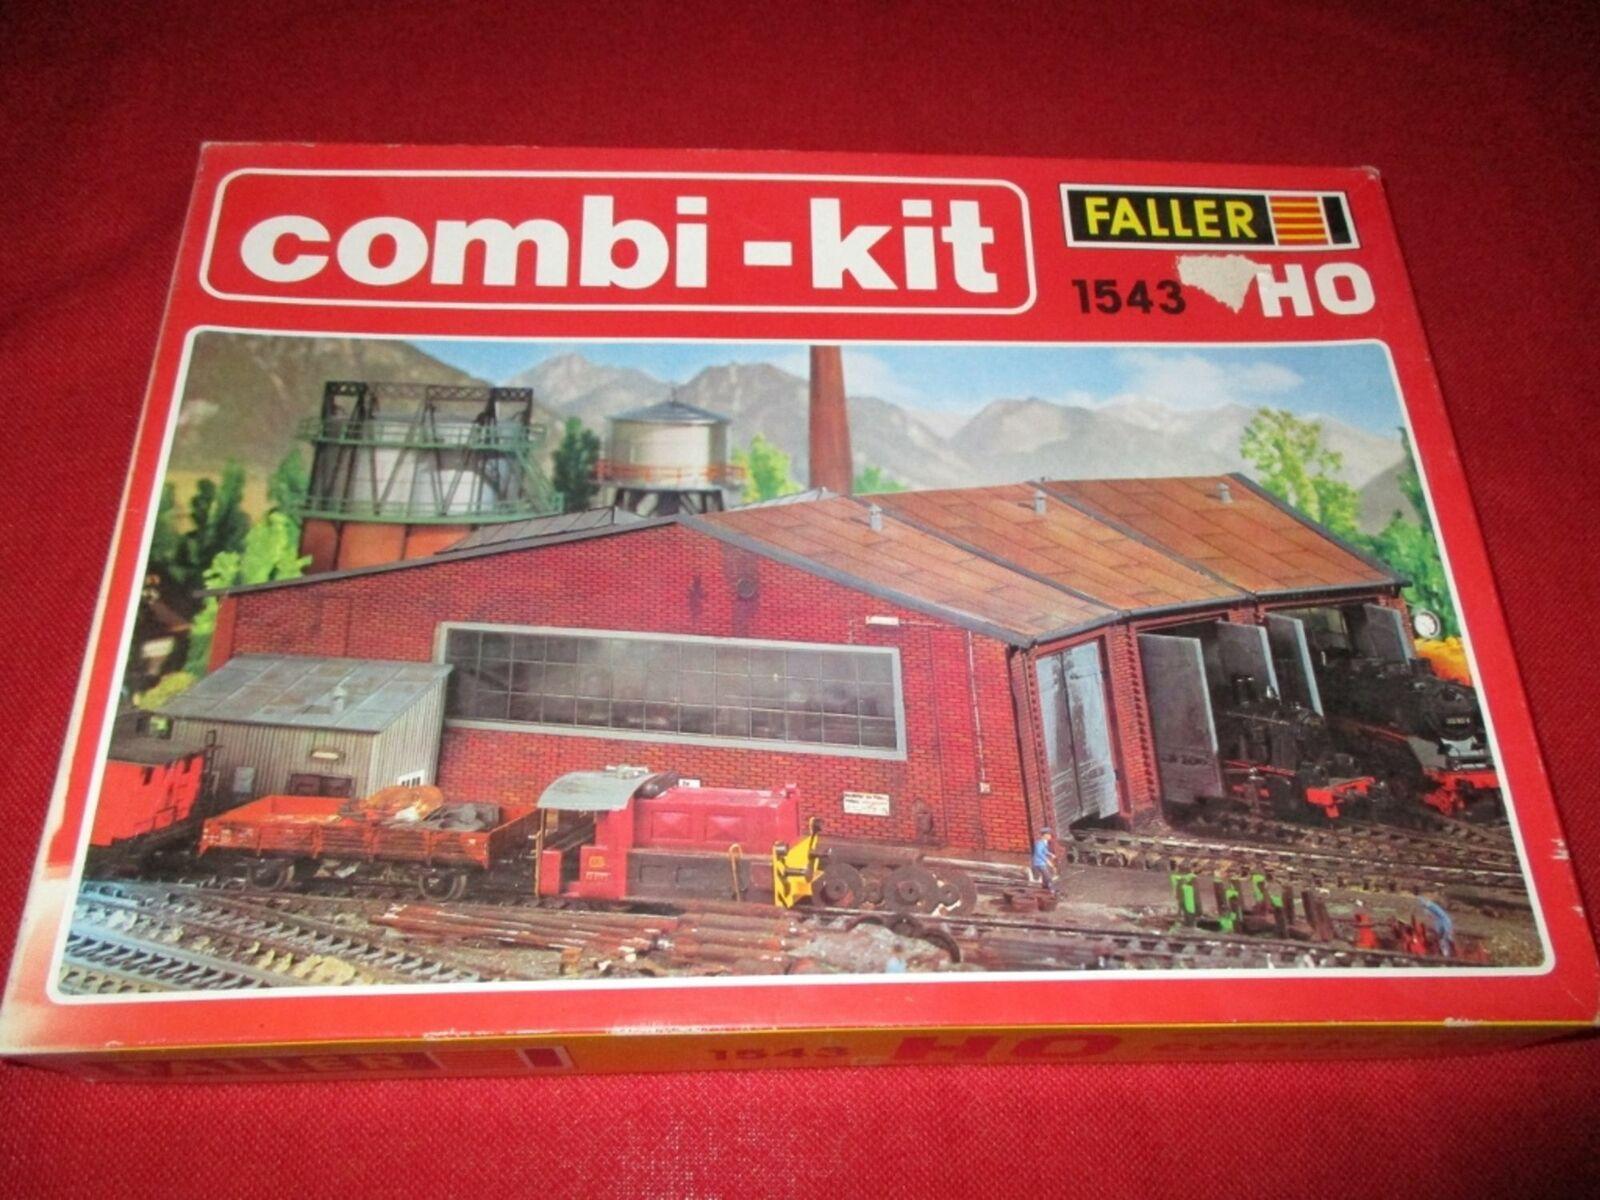 Faller h0 1543 combi-kit ringlokschuppen nuevo embalaje original